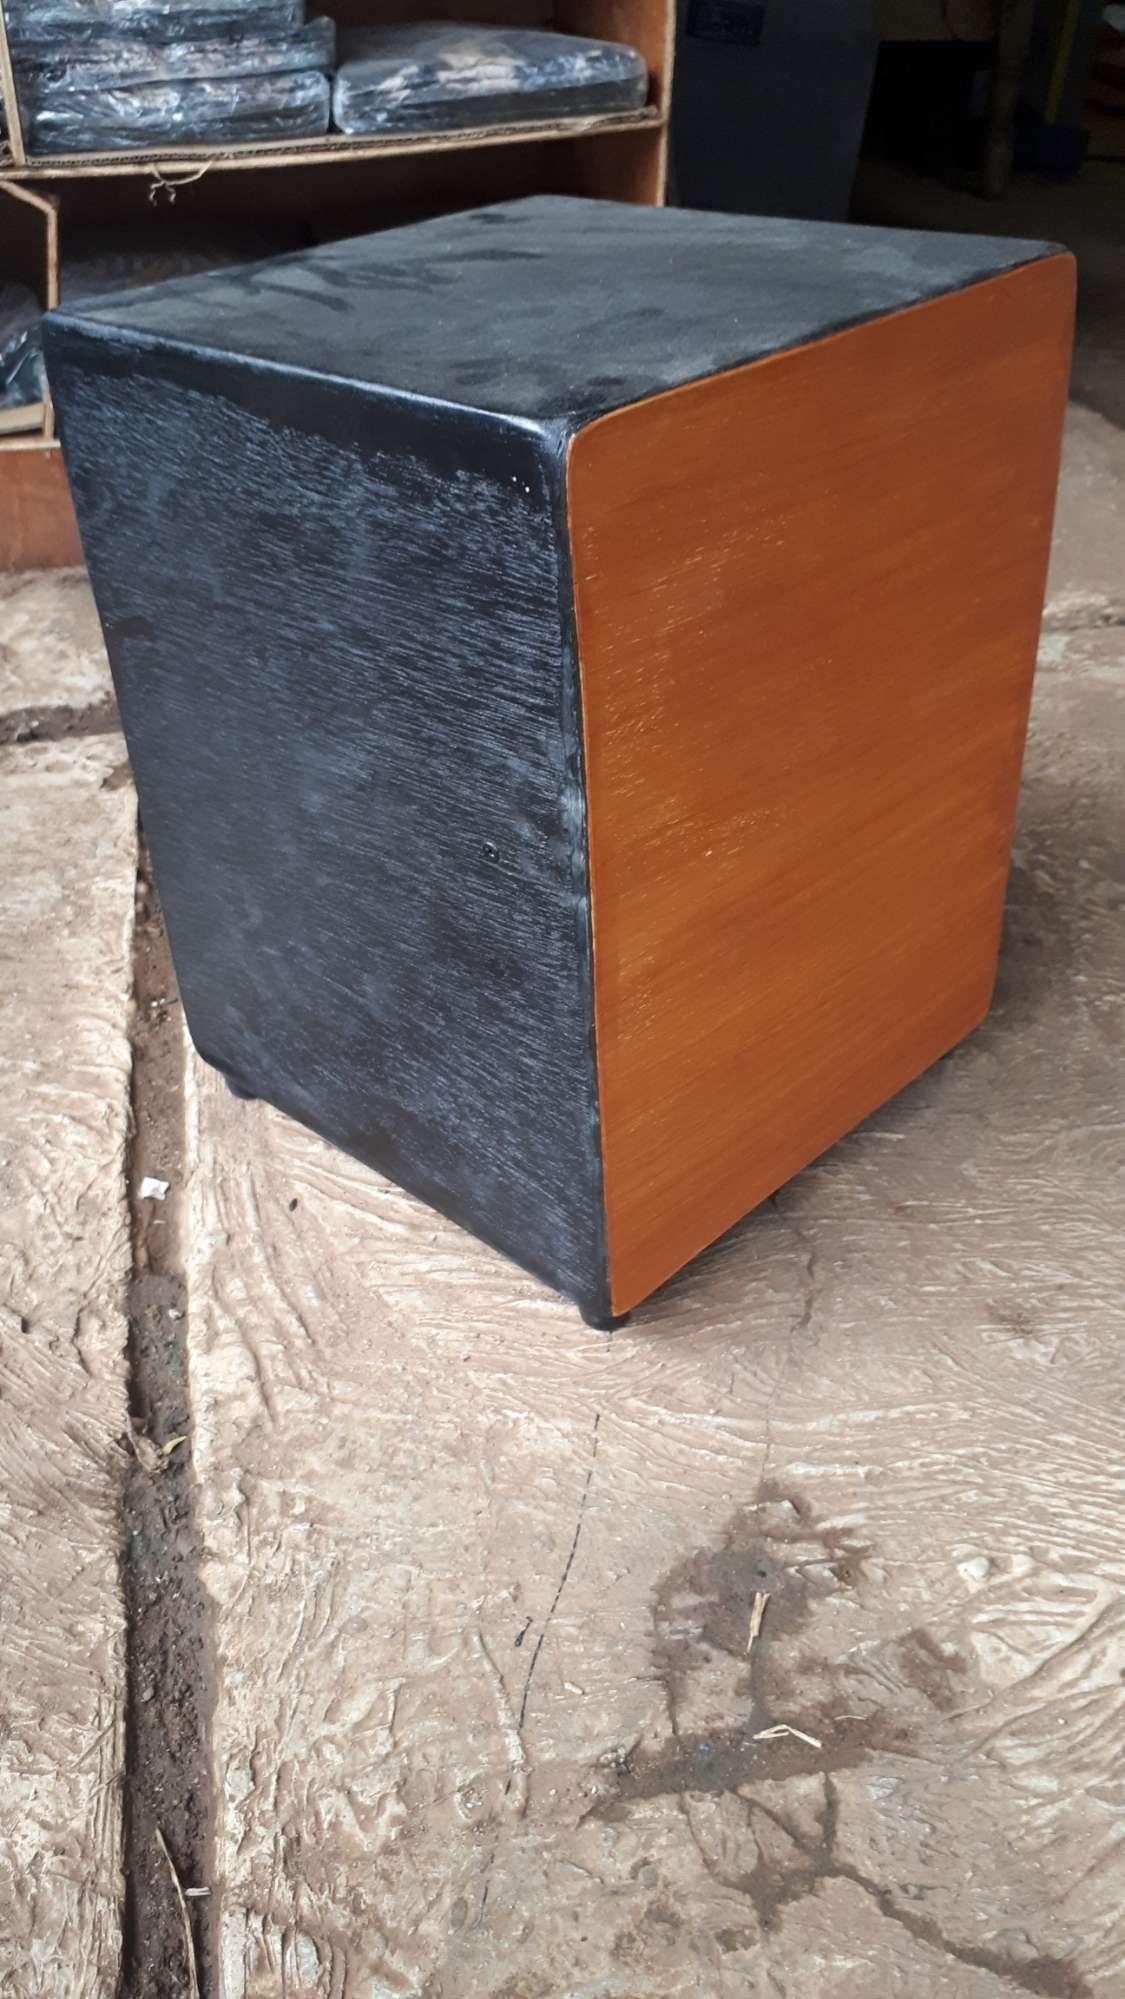 Cajon Akustik Murah New Box By Alfarizimart.